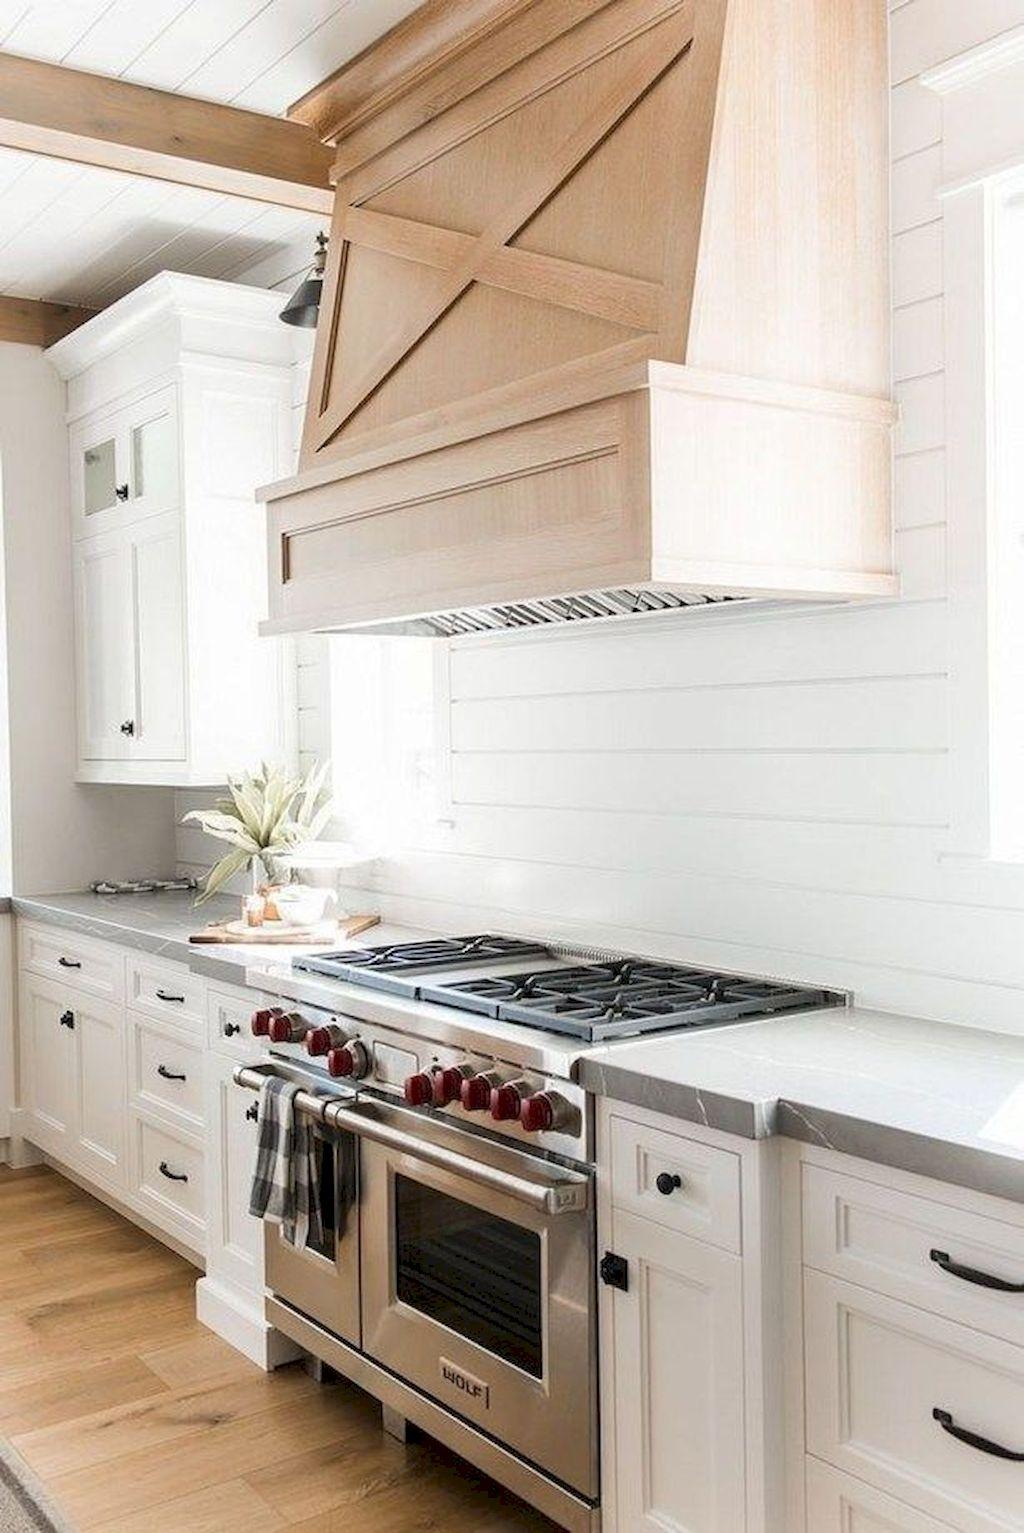 Kitchen Backsplash188